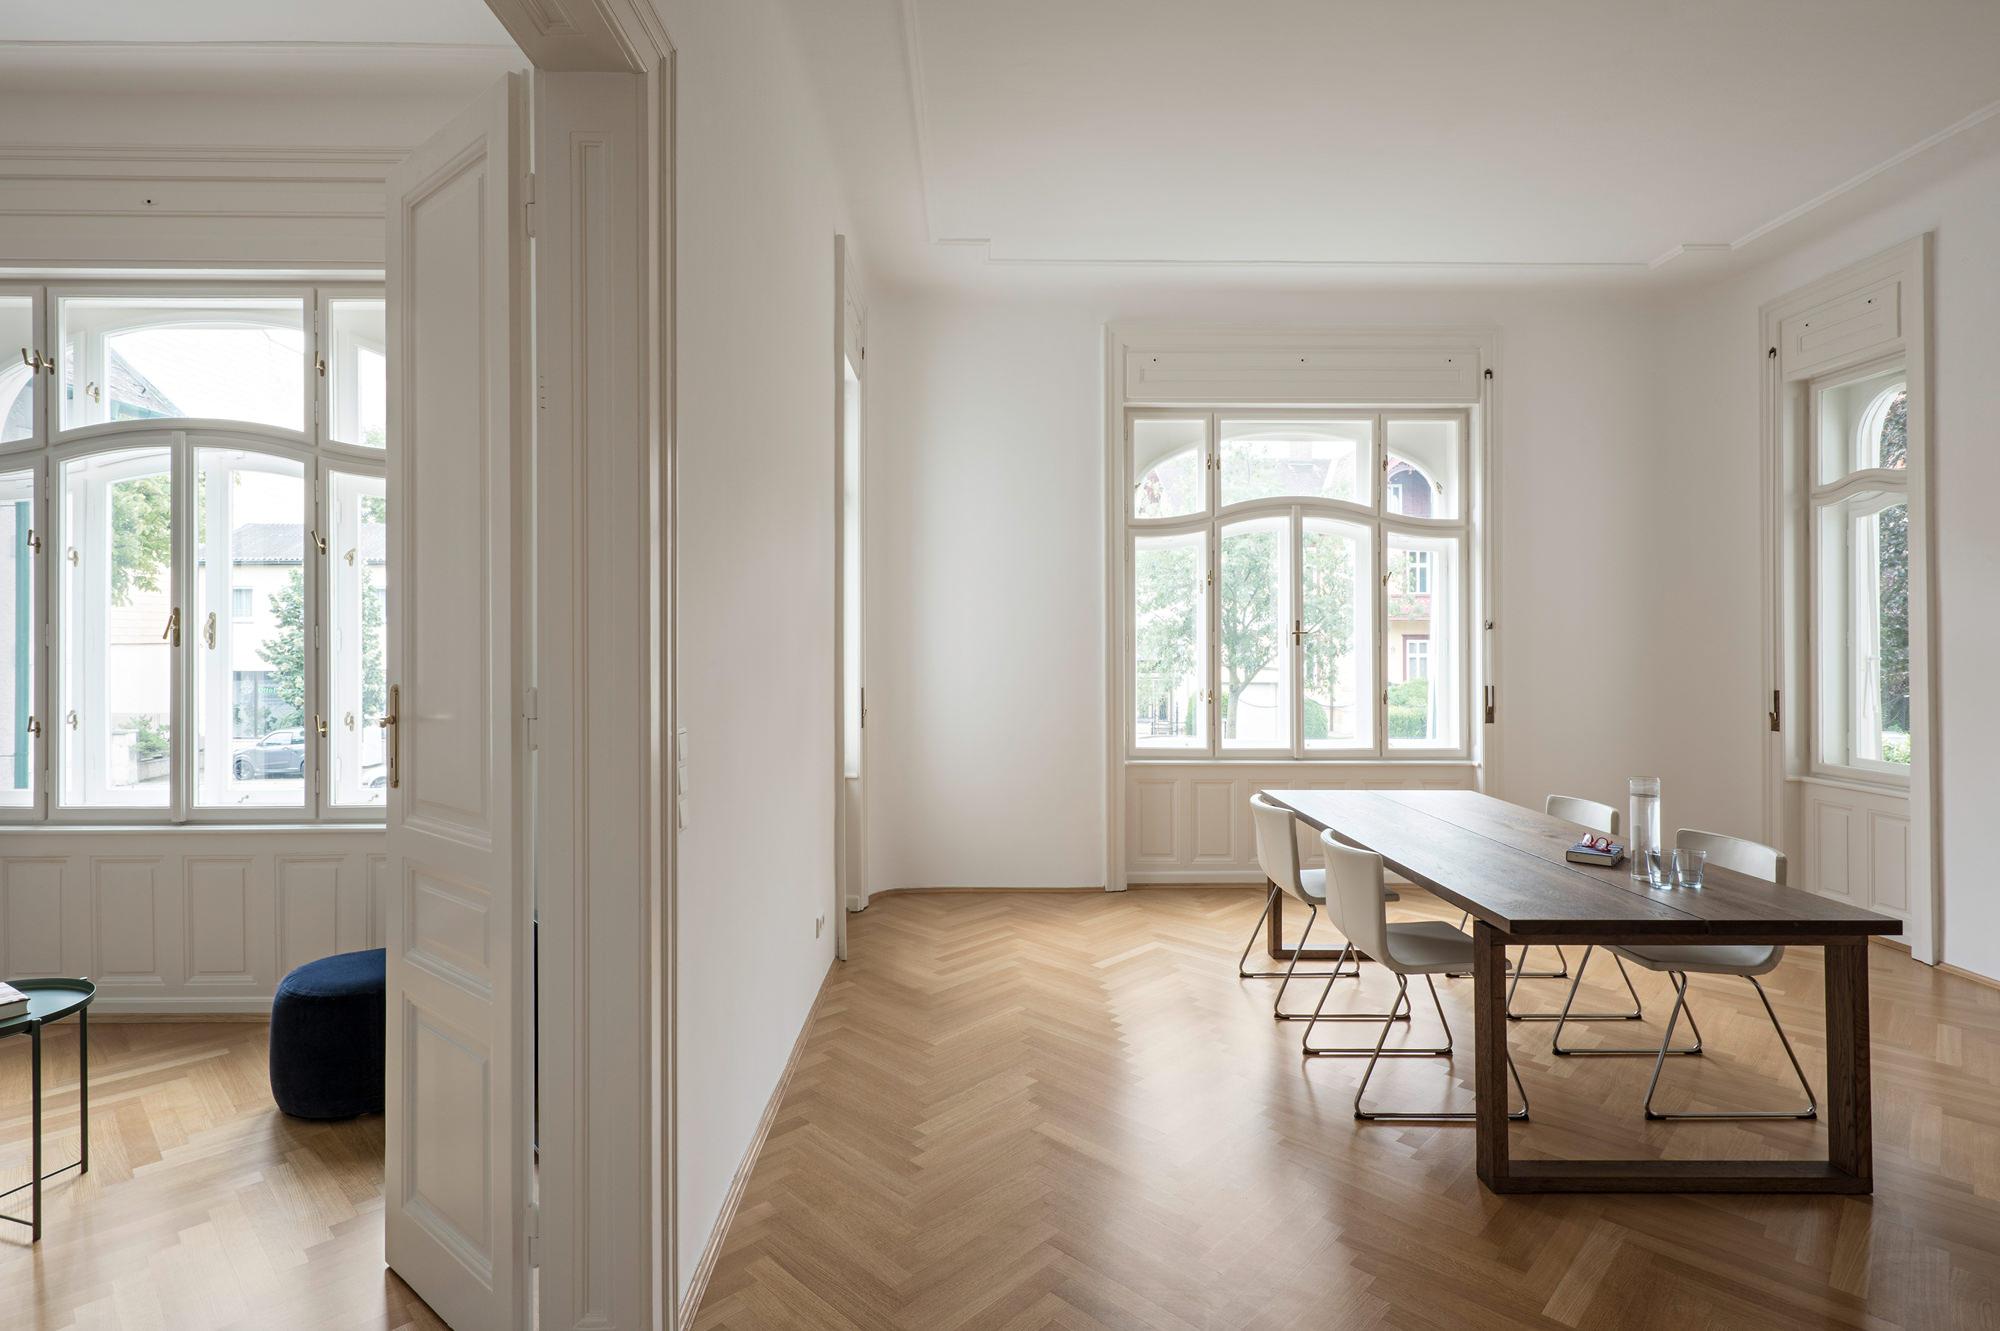 haus_T_04_sanierung_villa_in_moedling_niederoesterreich_junger_beer_architektur